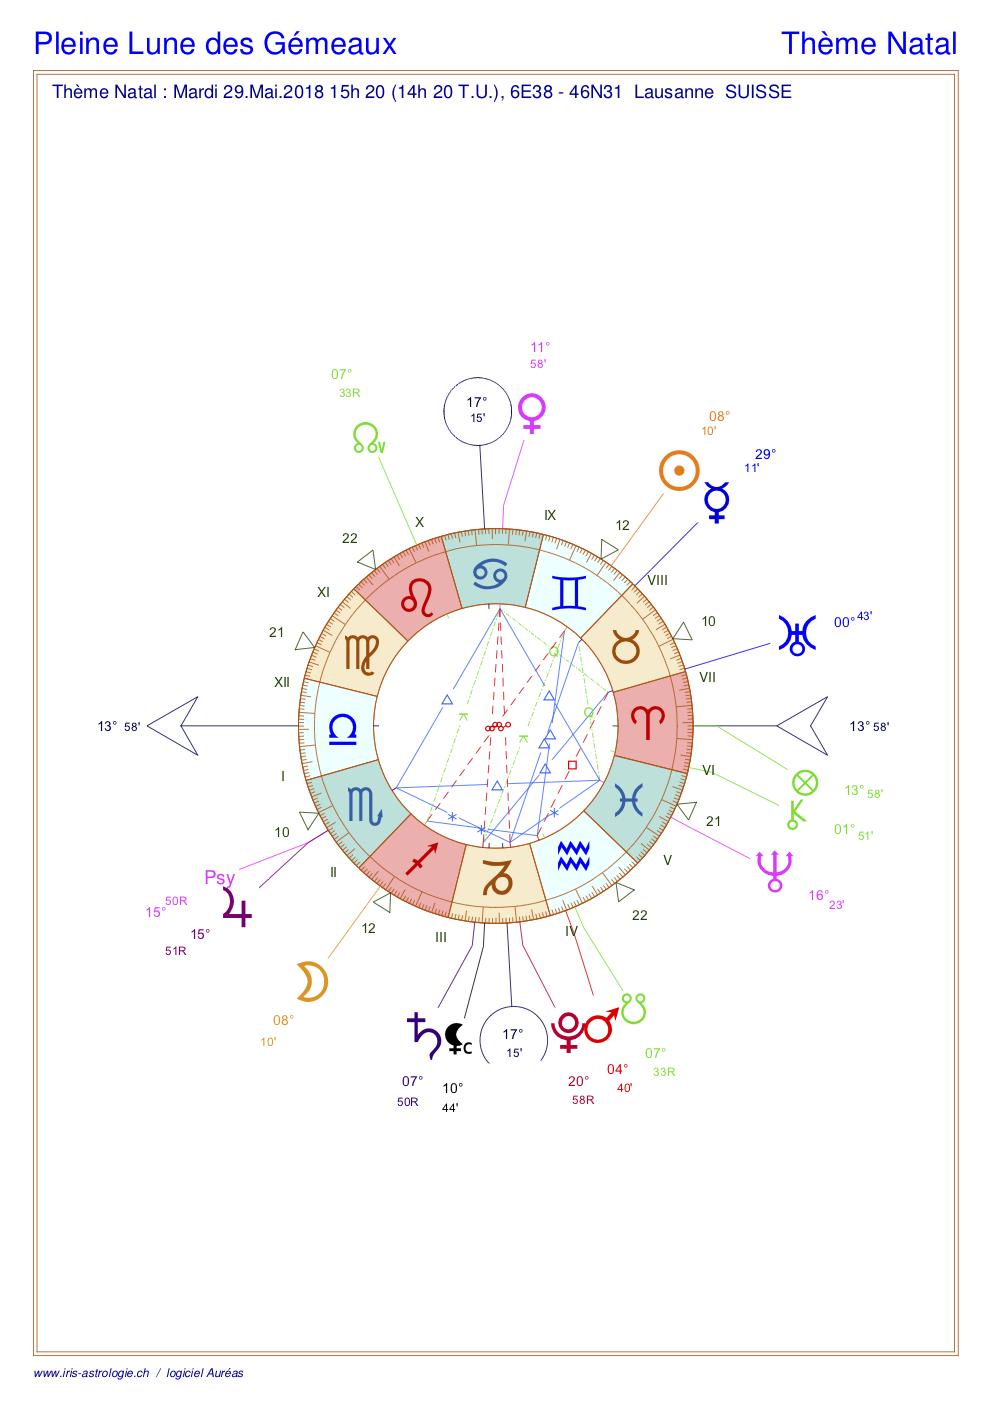 Carte du ciel astrologique de la pleine Lune des Gémeaux (thème astral)